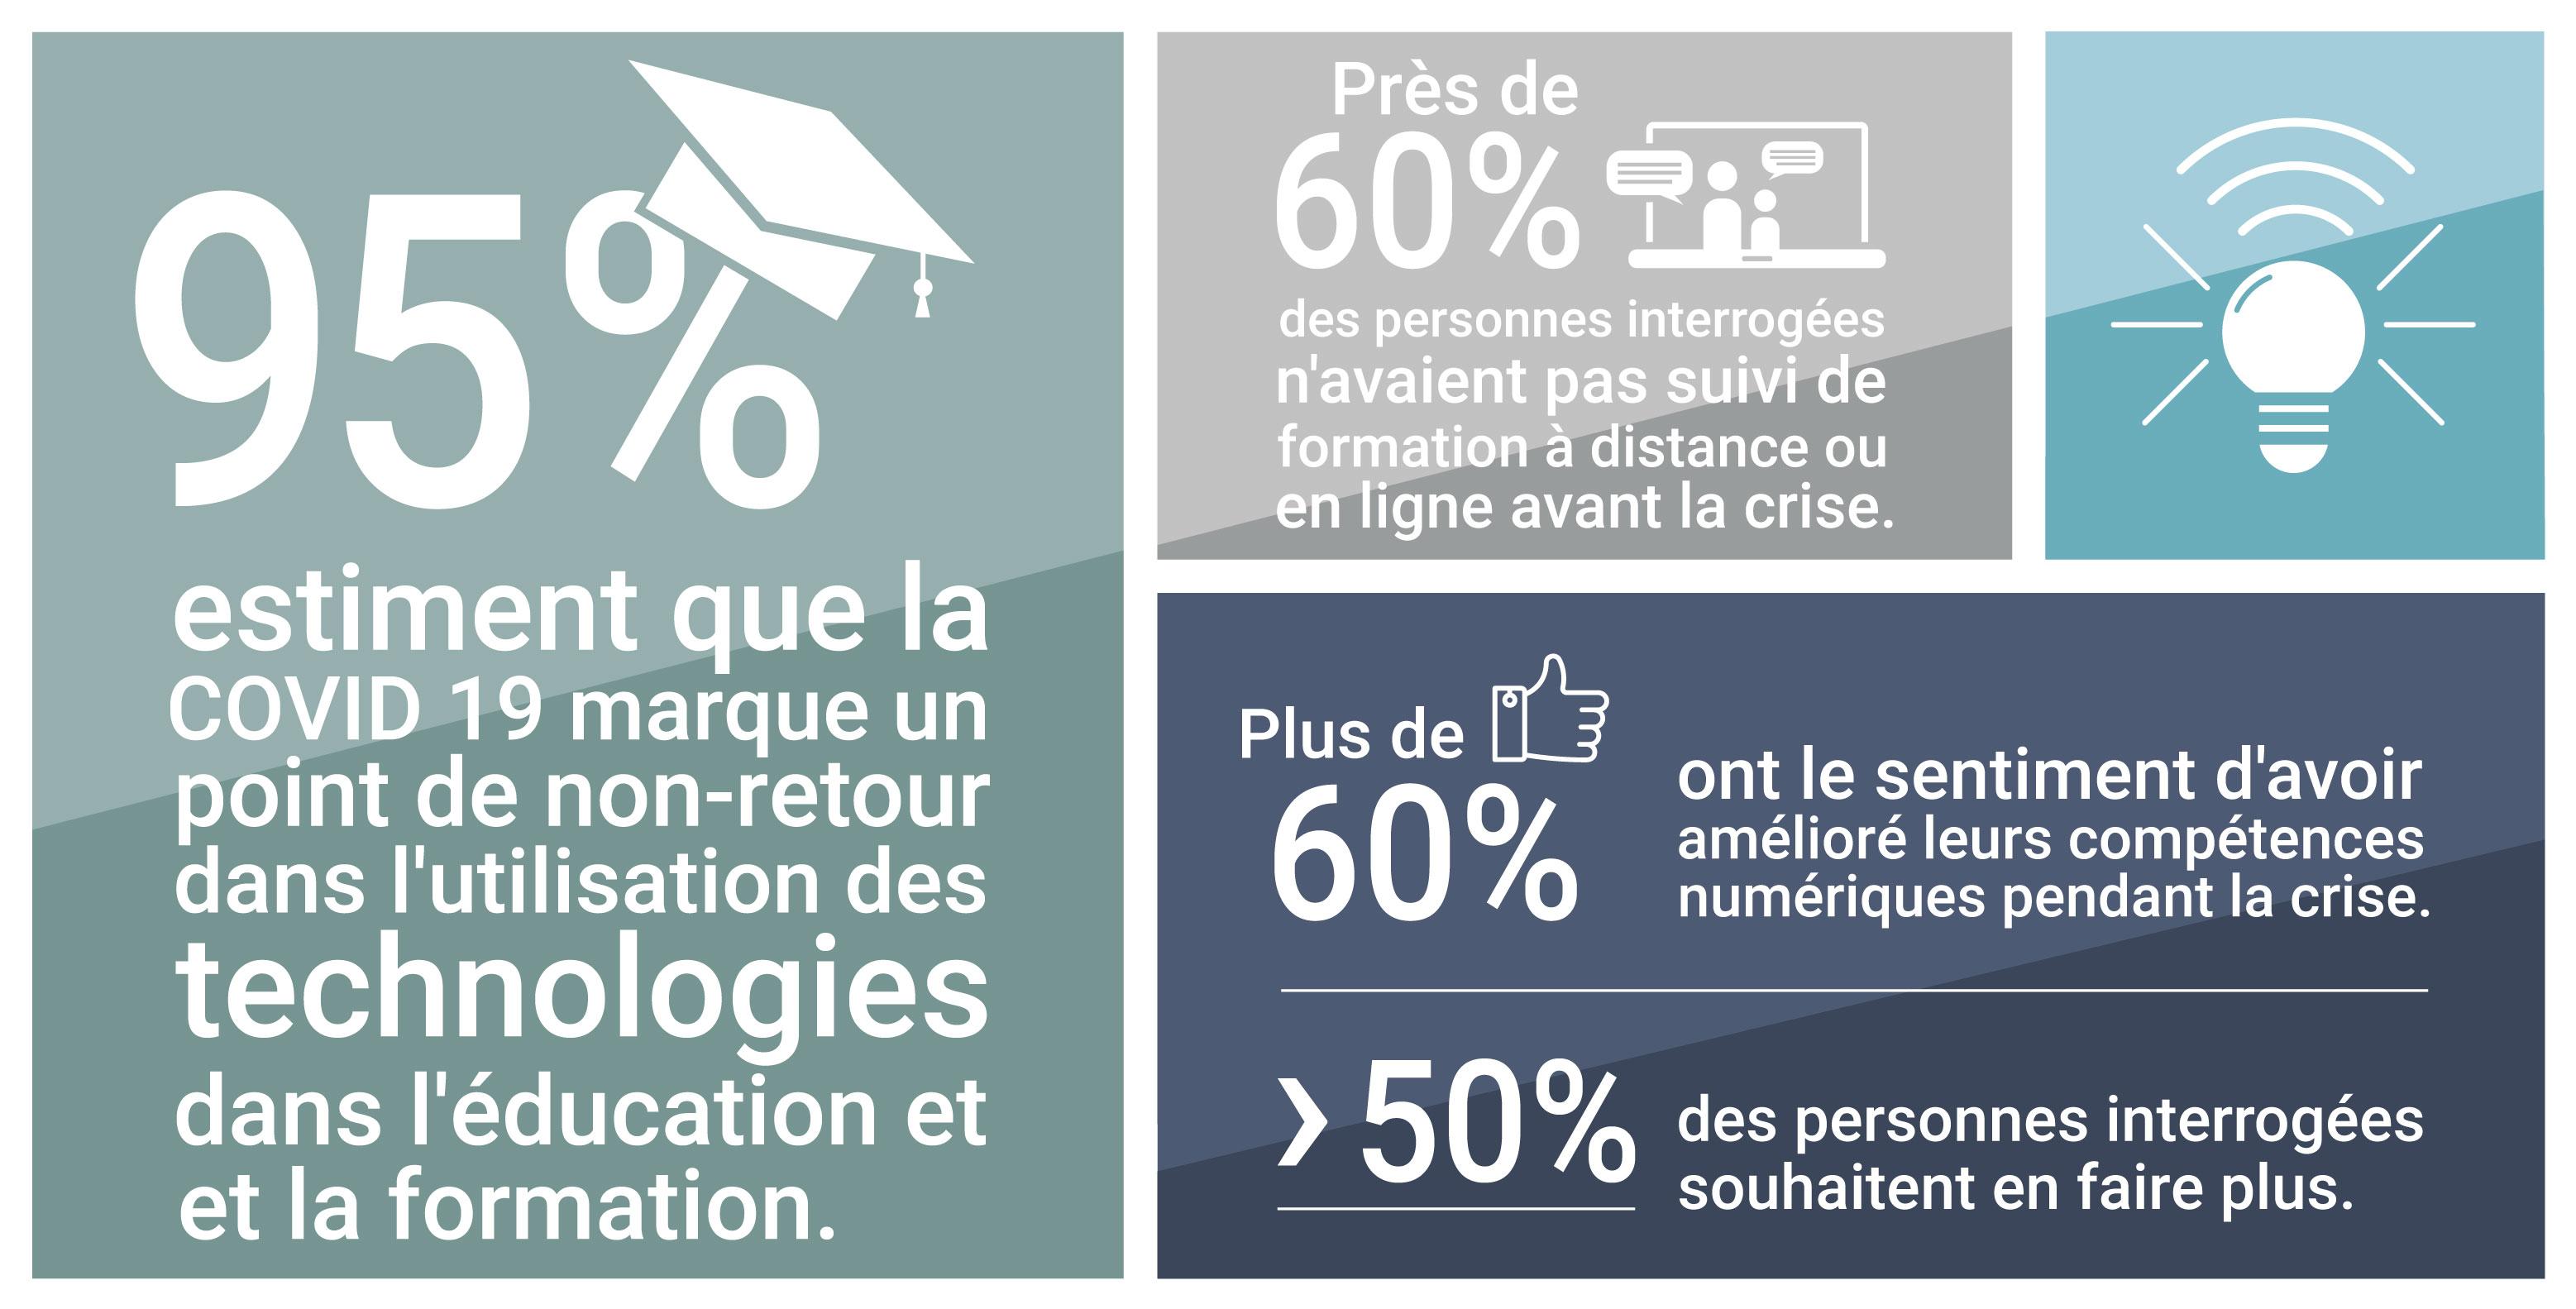 Statistiques de l'enseignement numérique